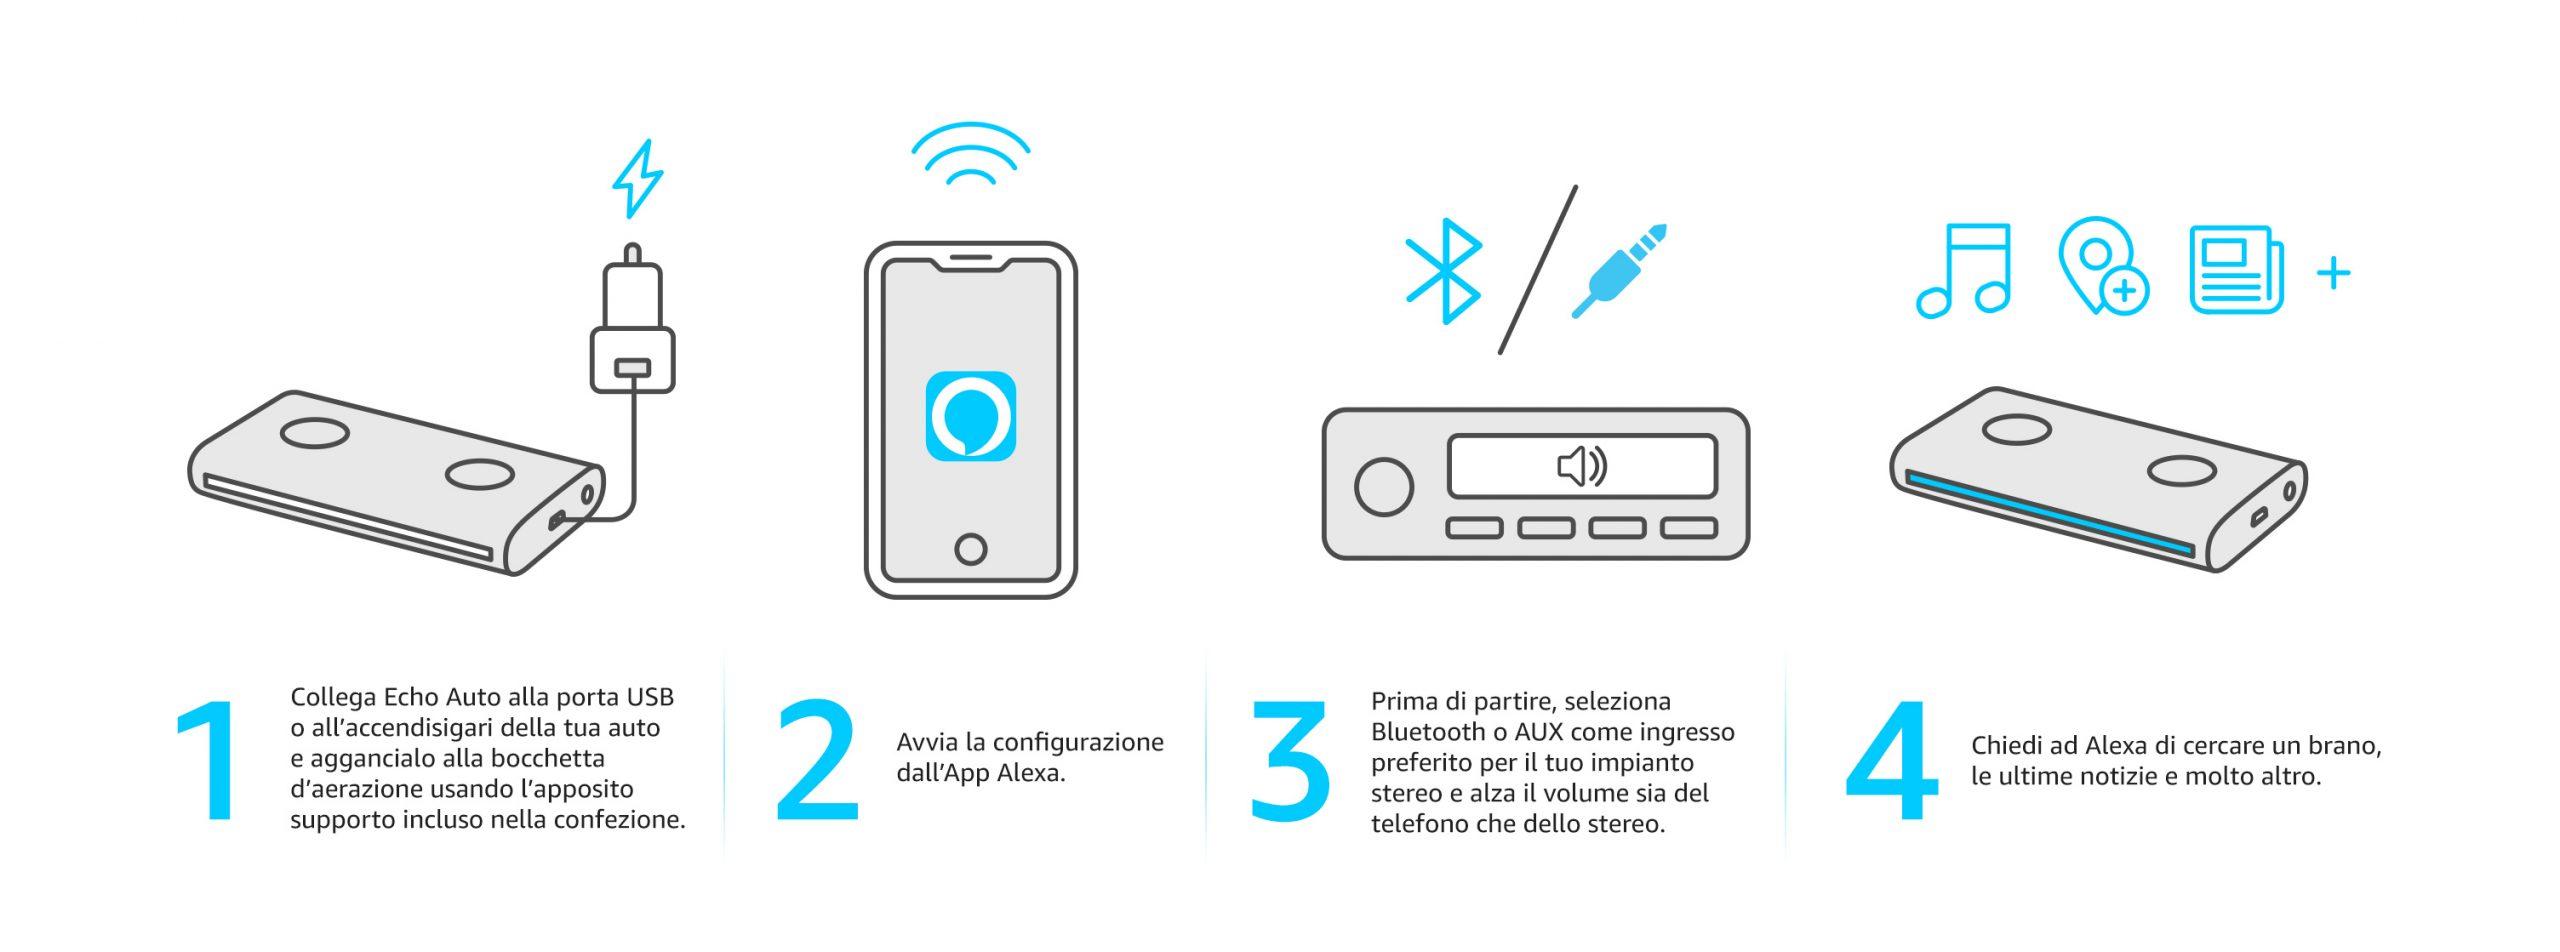 Amazon Echo Auto - Installazione